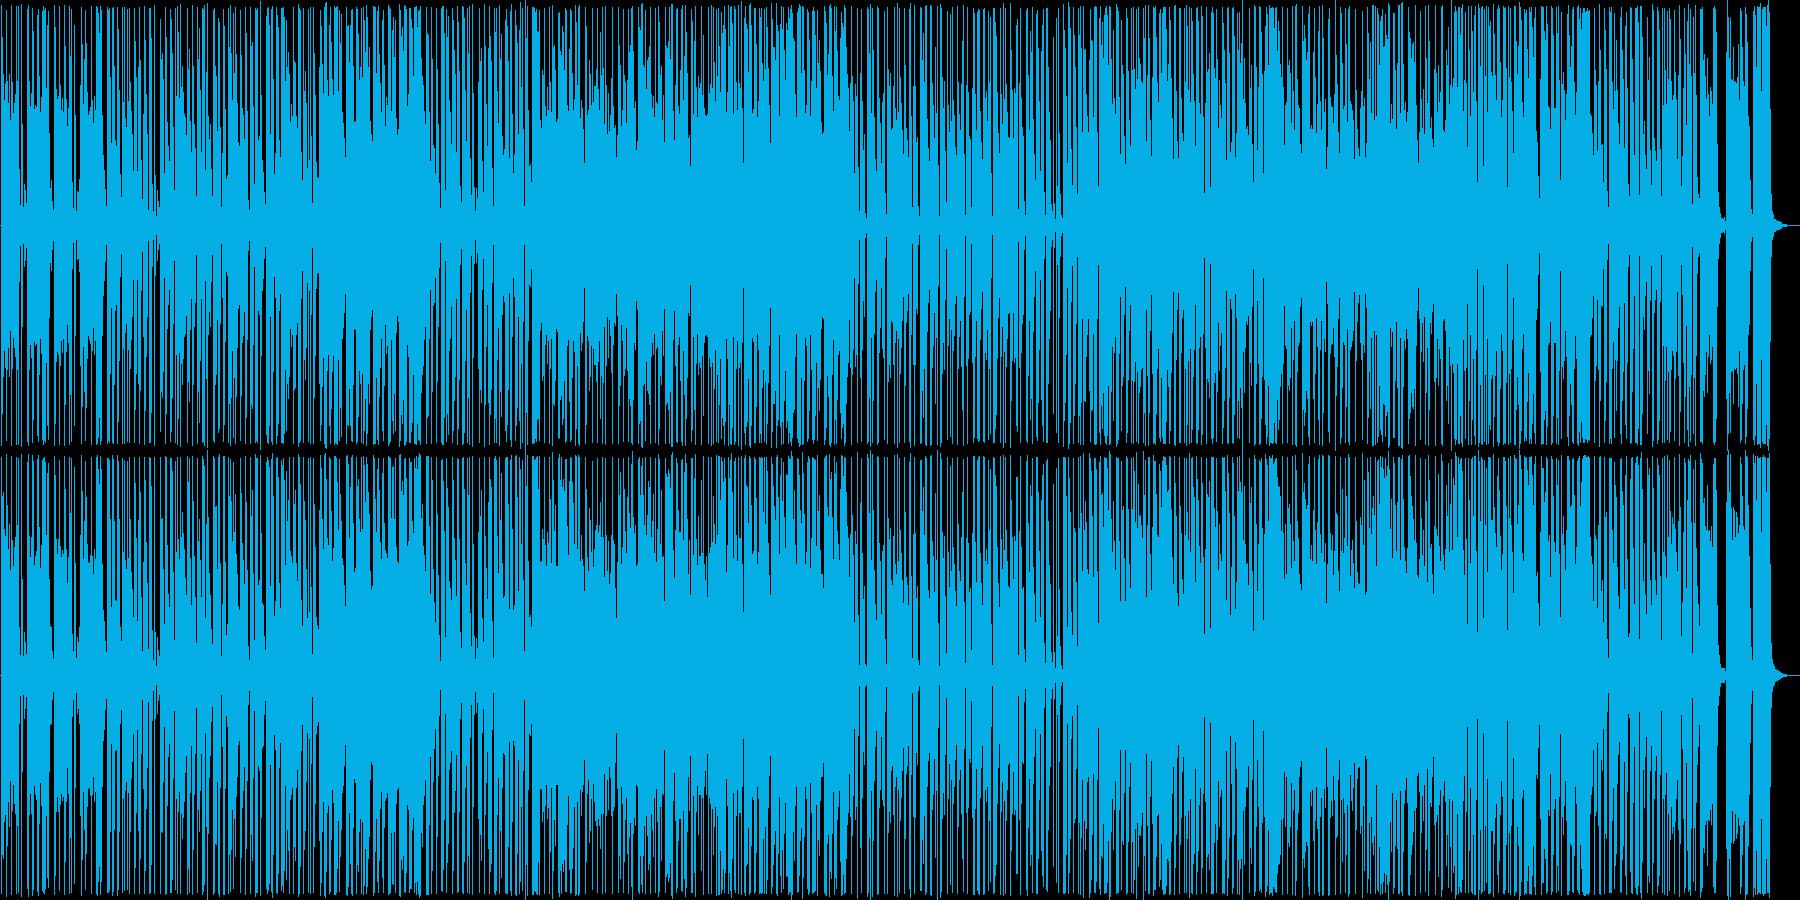 パワフルでグルーヴィーなサウンドの再生済みの波形